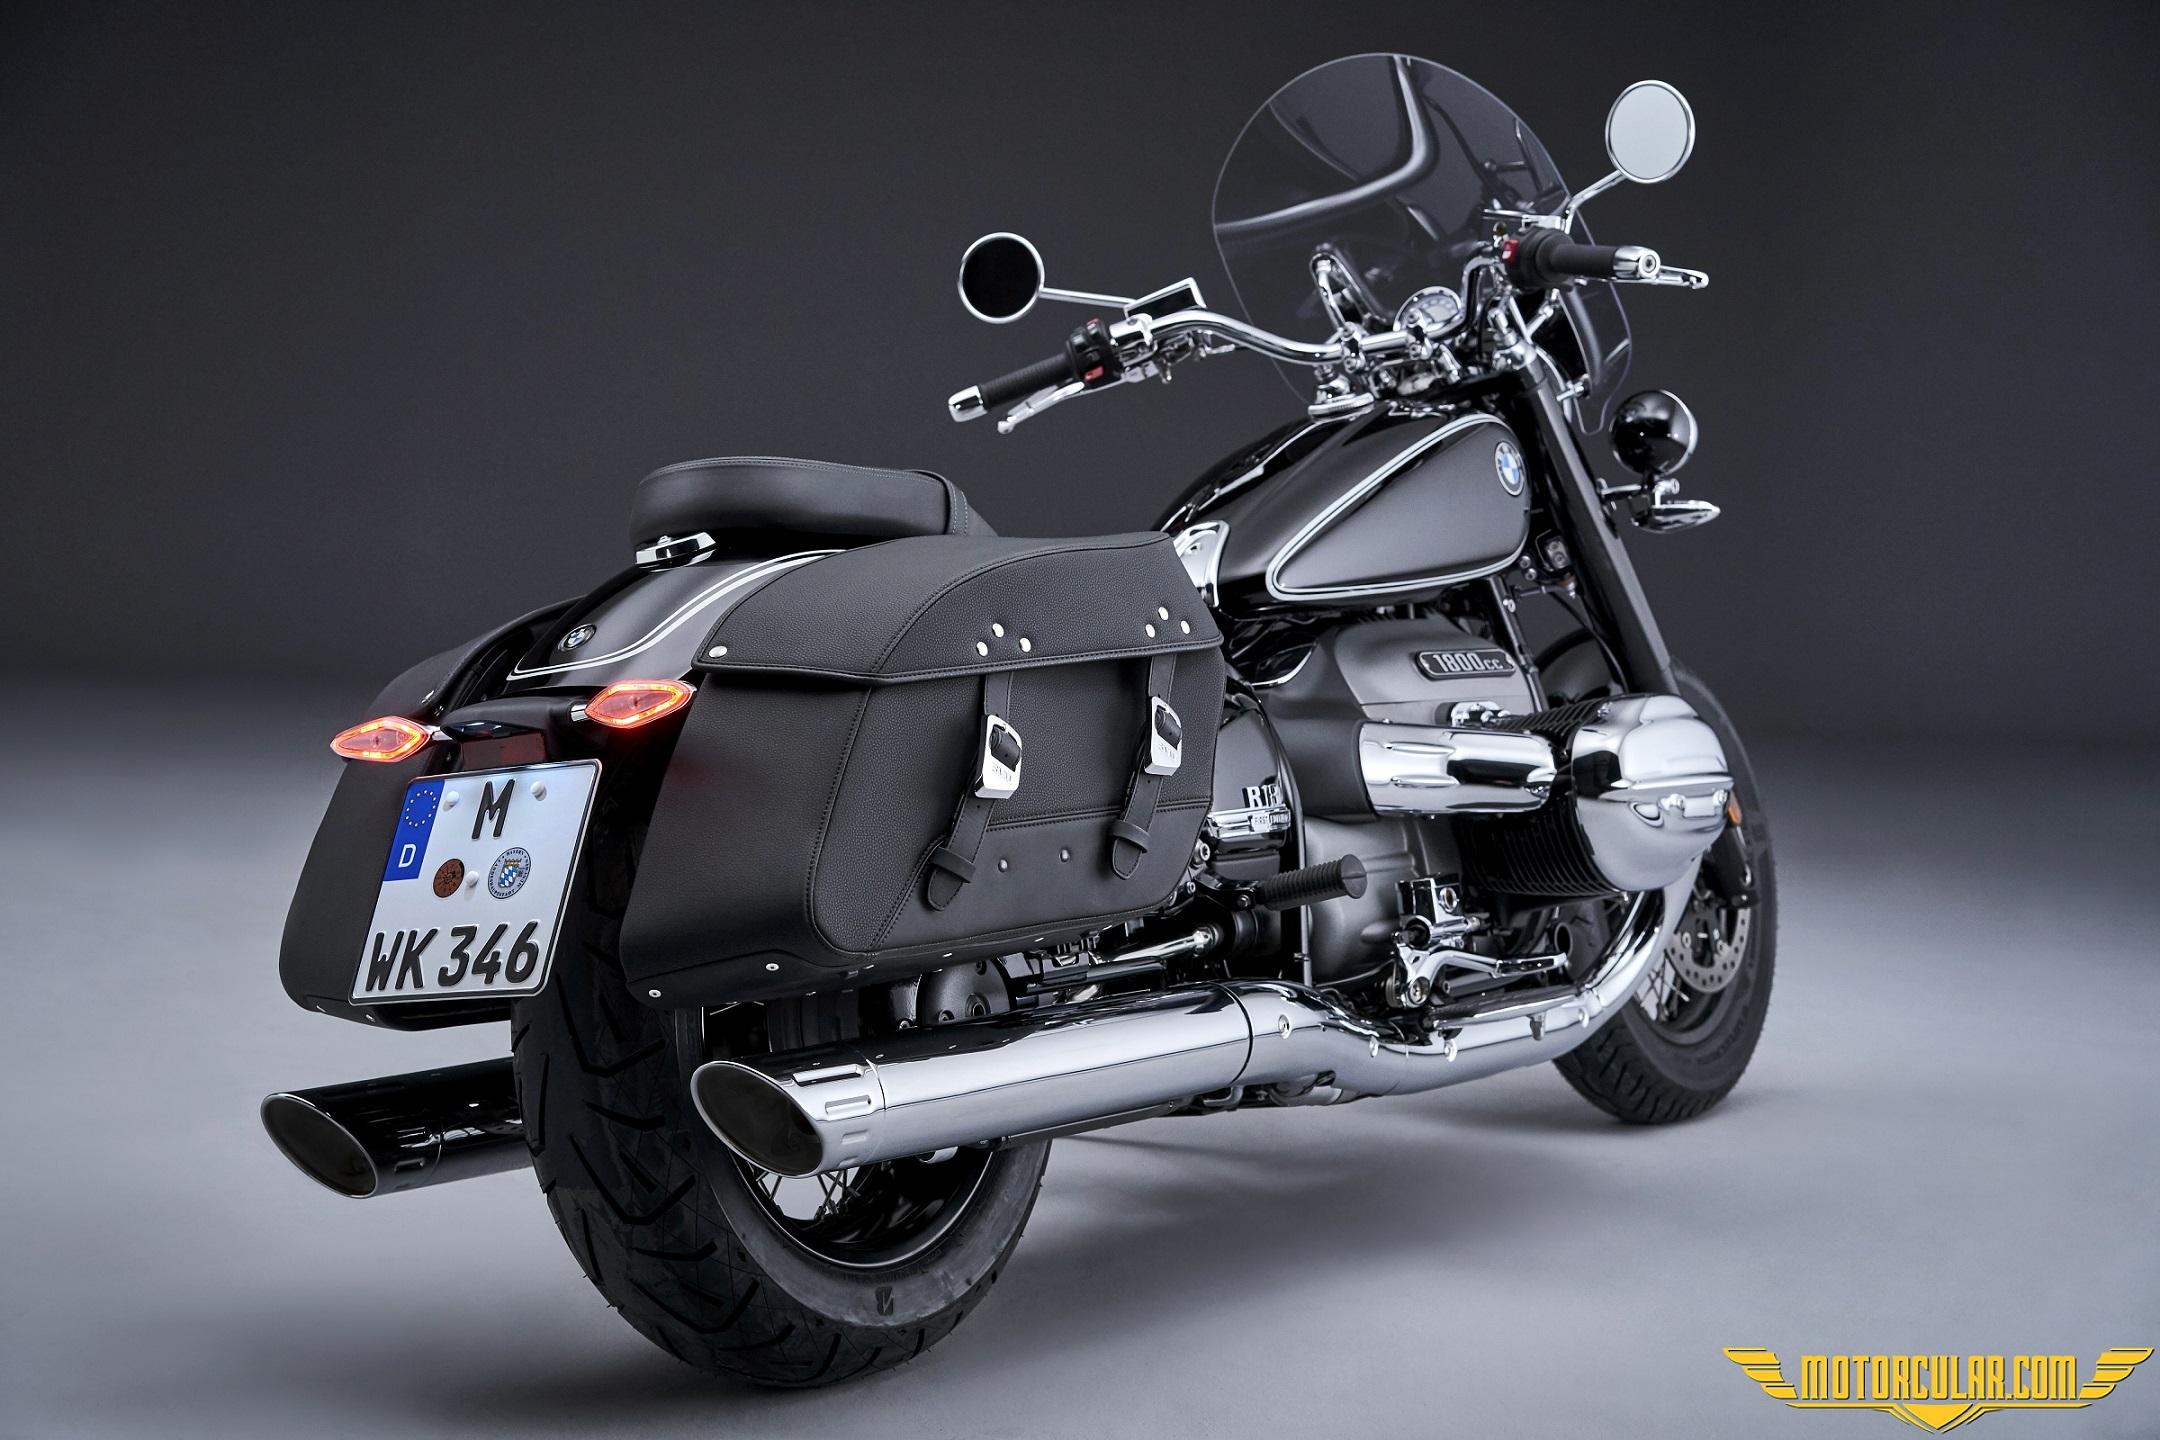 2019 Suzuki V-Strom 650XT Tanıtımı   motorcular.com